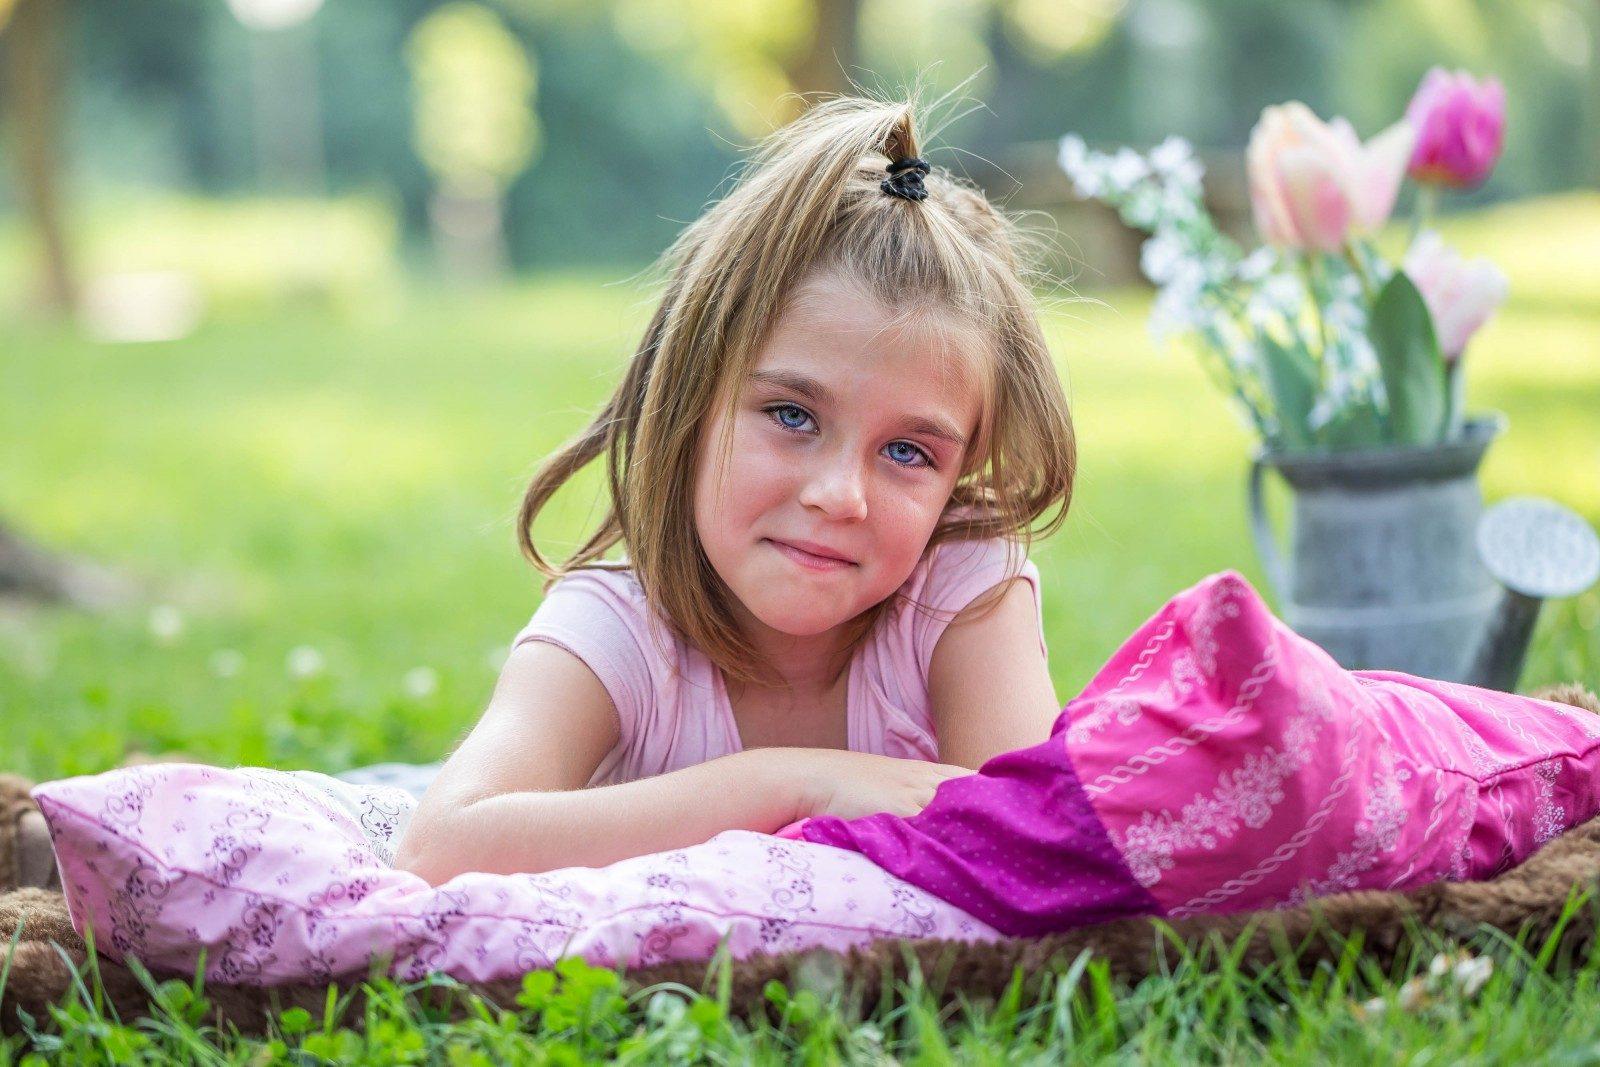 IMG_7248-gyermek fotózás-Veszprém-Veszprém megye-Balaton környéke